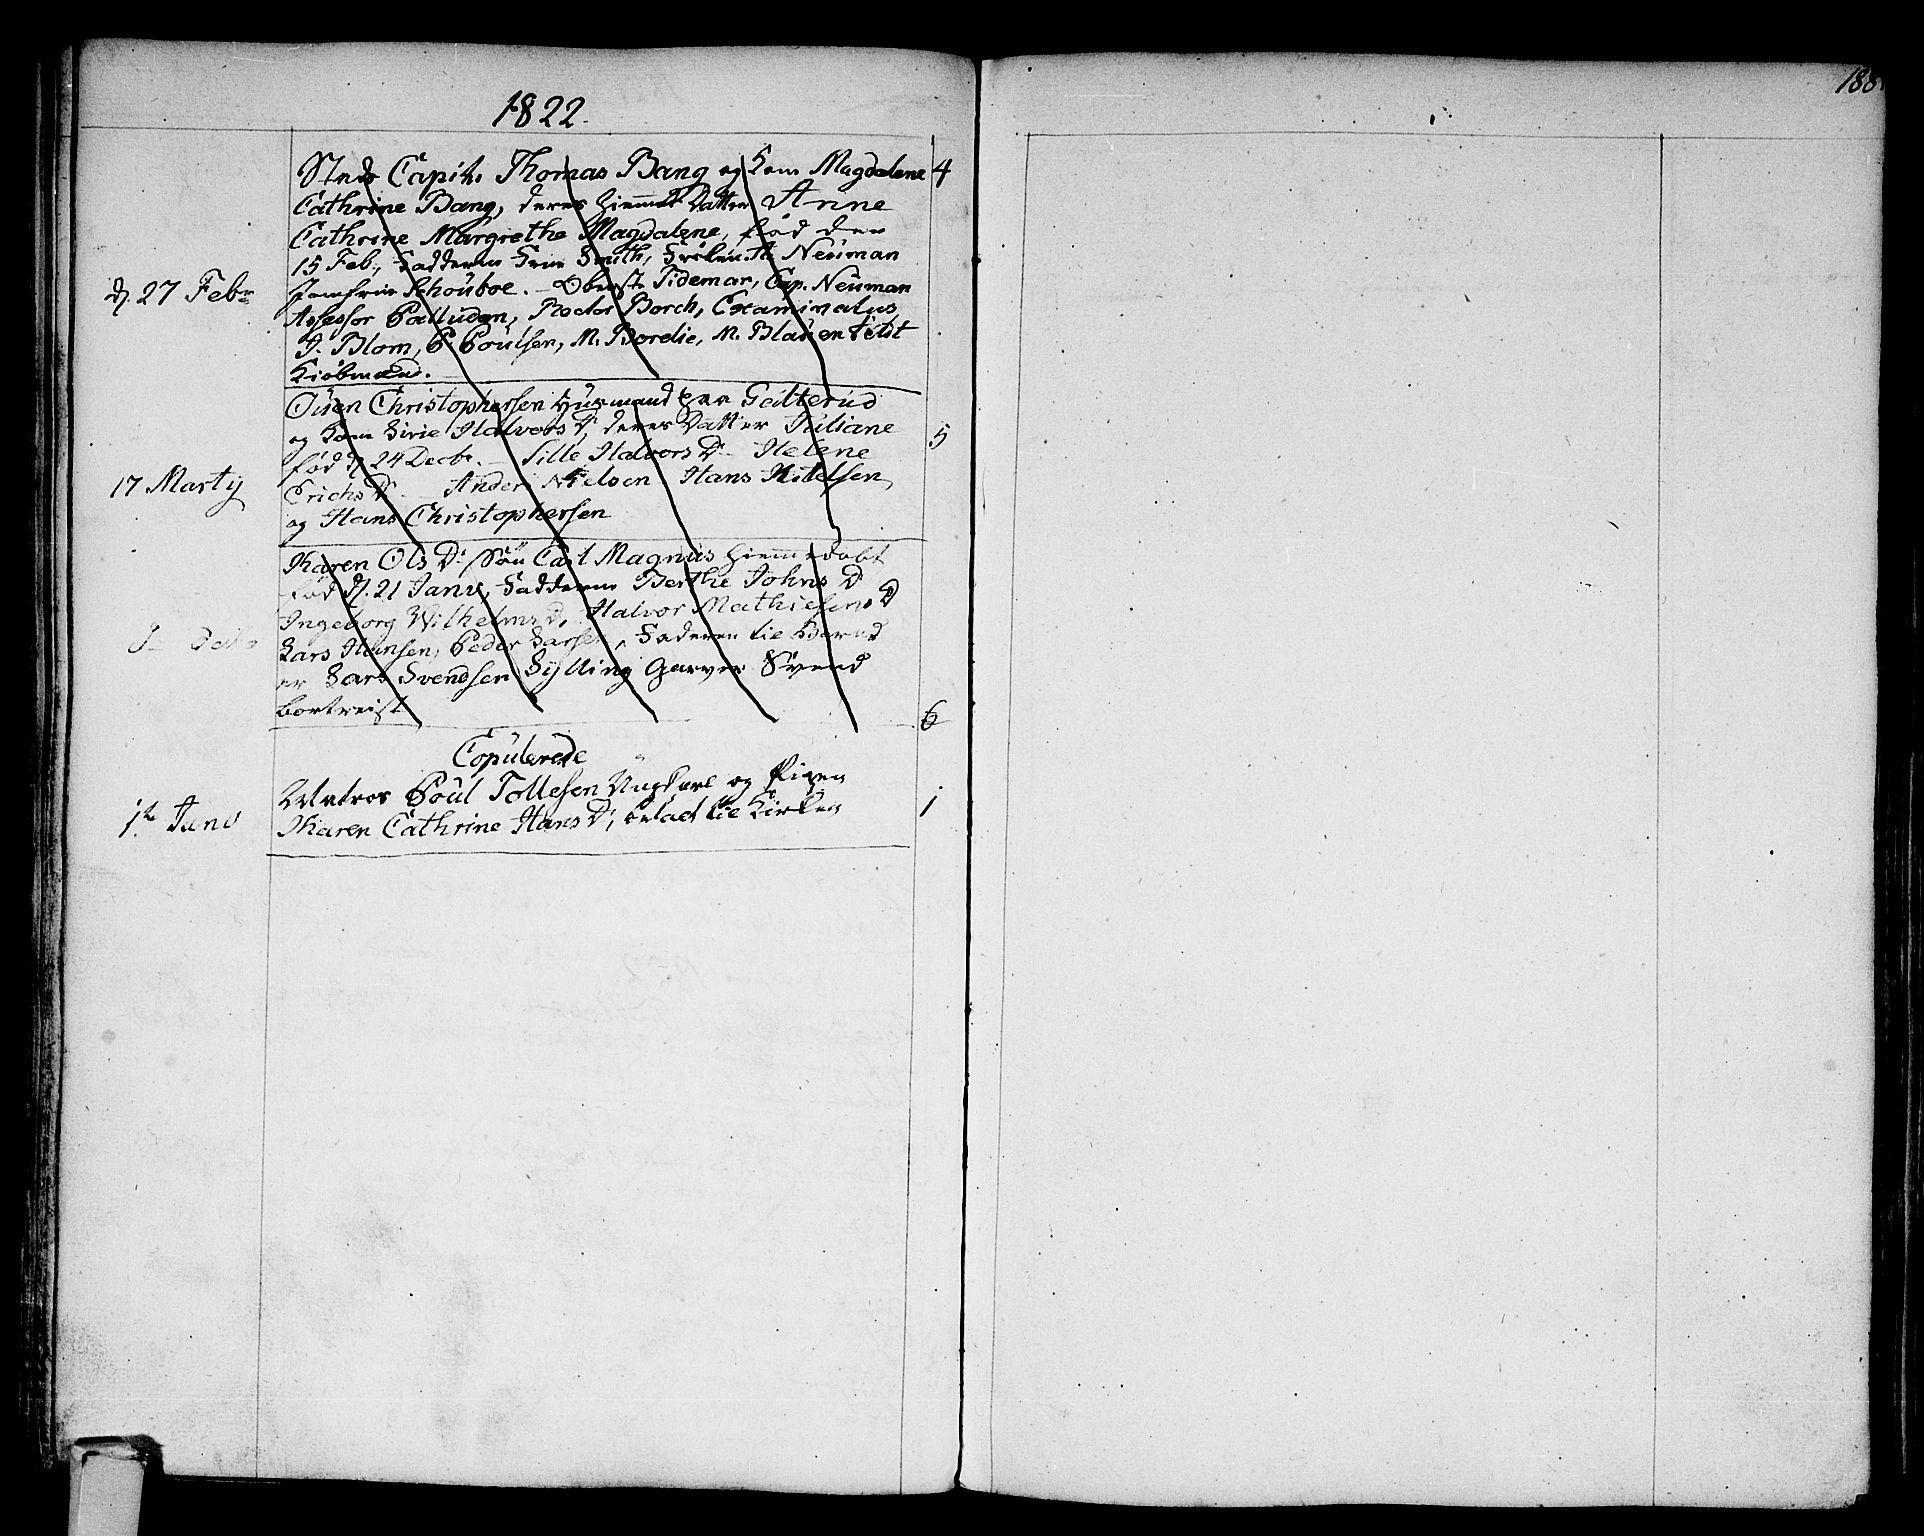 SAKO, Strømsø kirkebøker, F/Fa/L0010: Ministerialbok nr. I 10, 1792-1822, s. 188